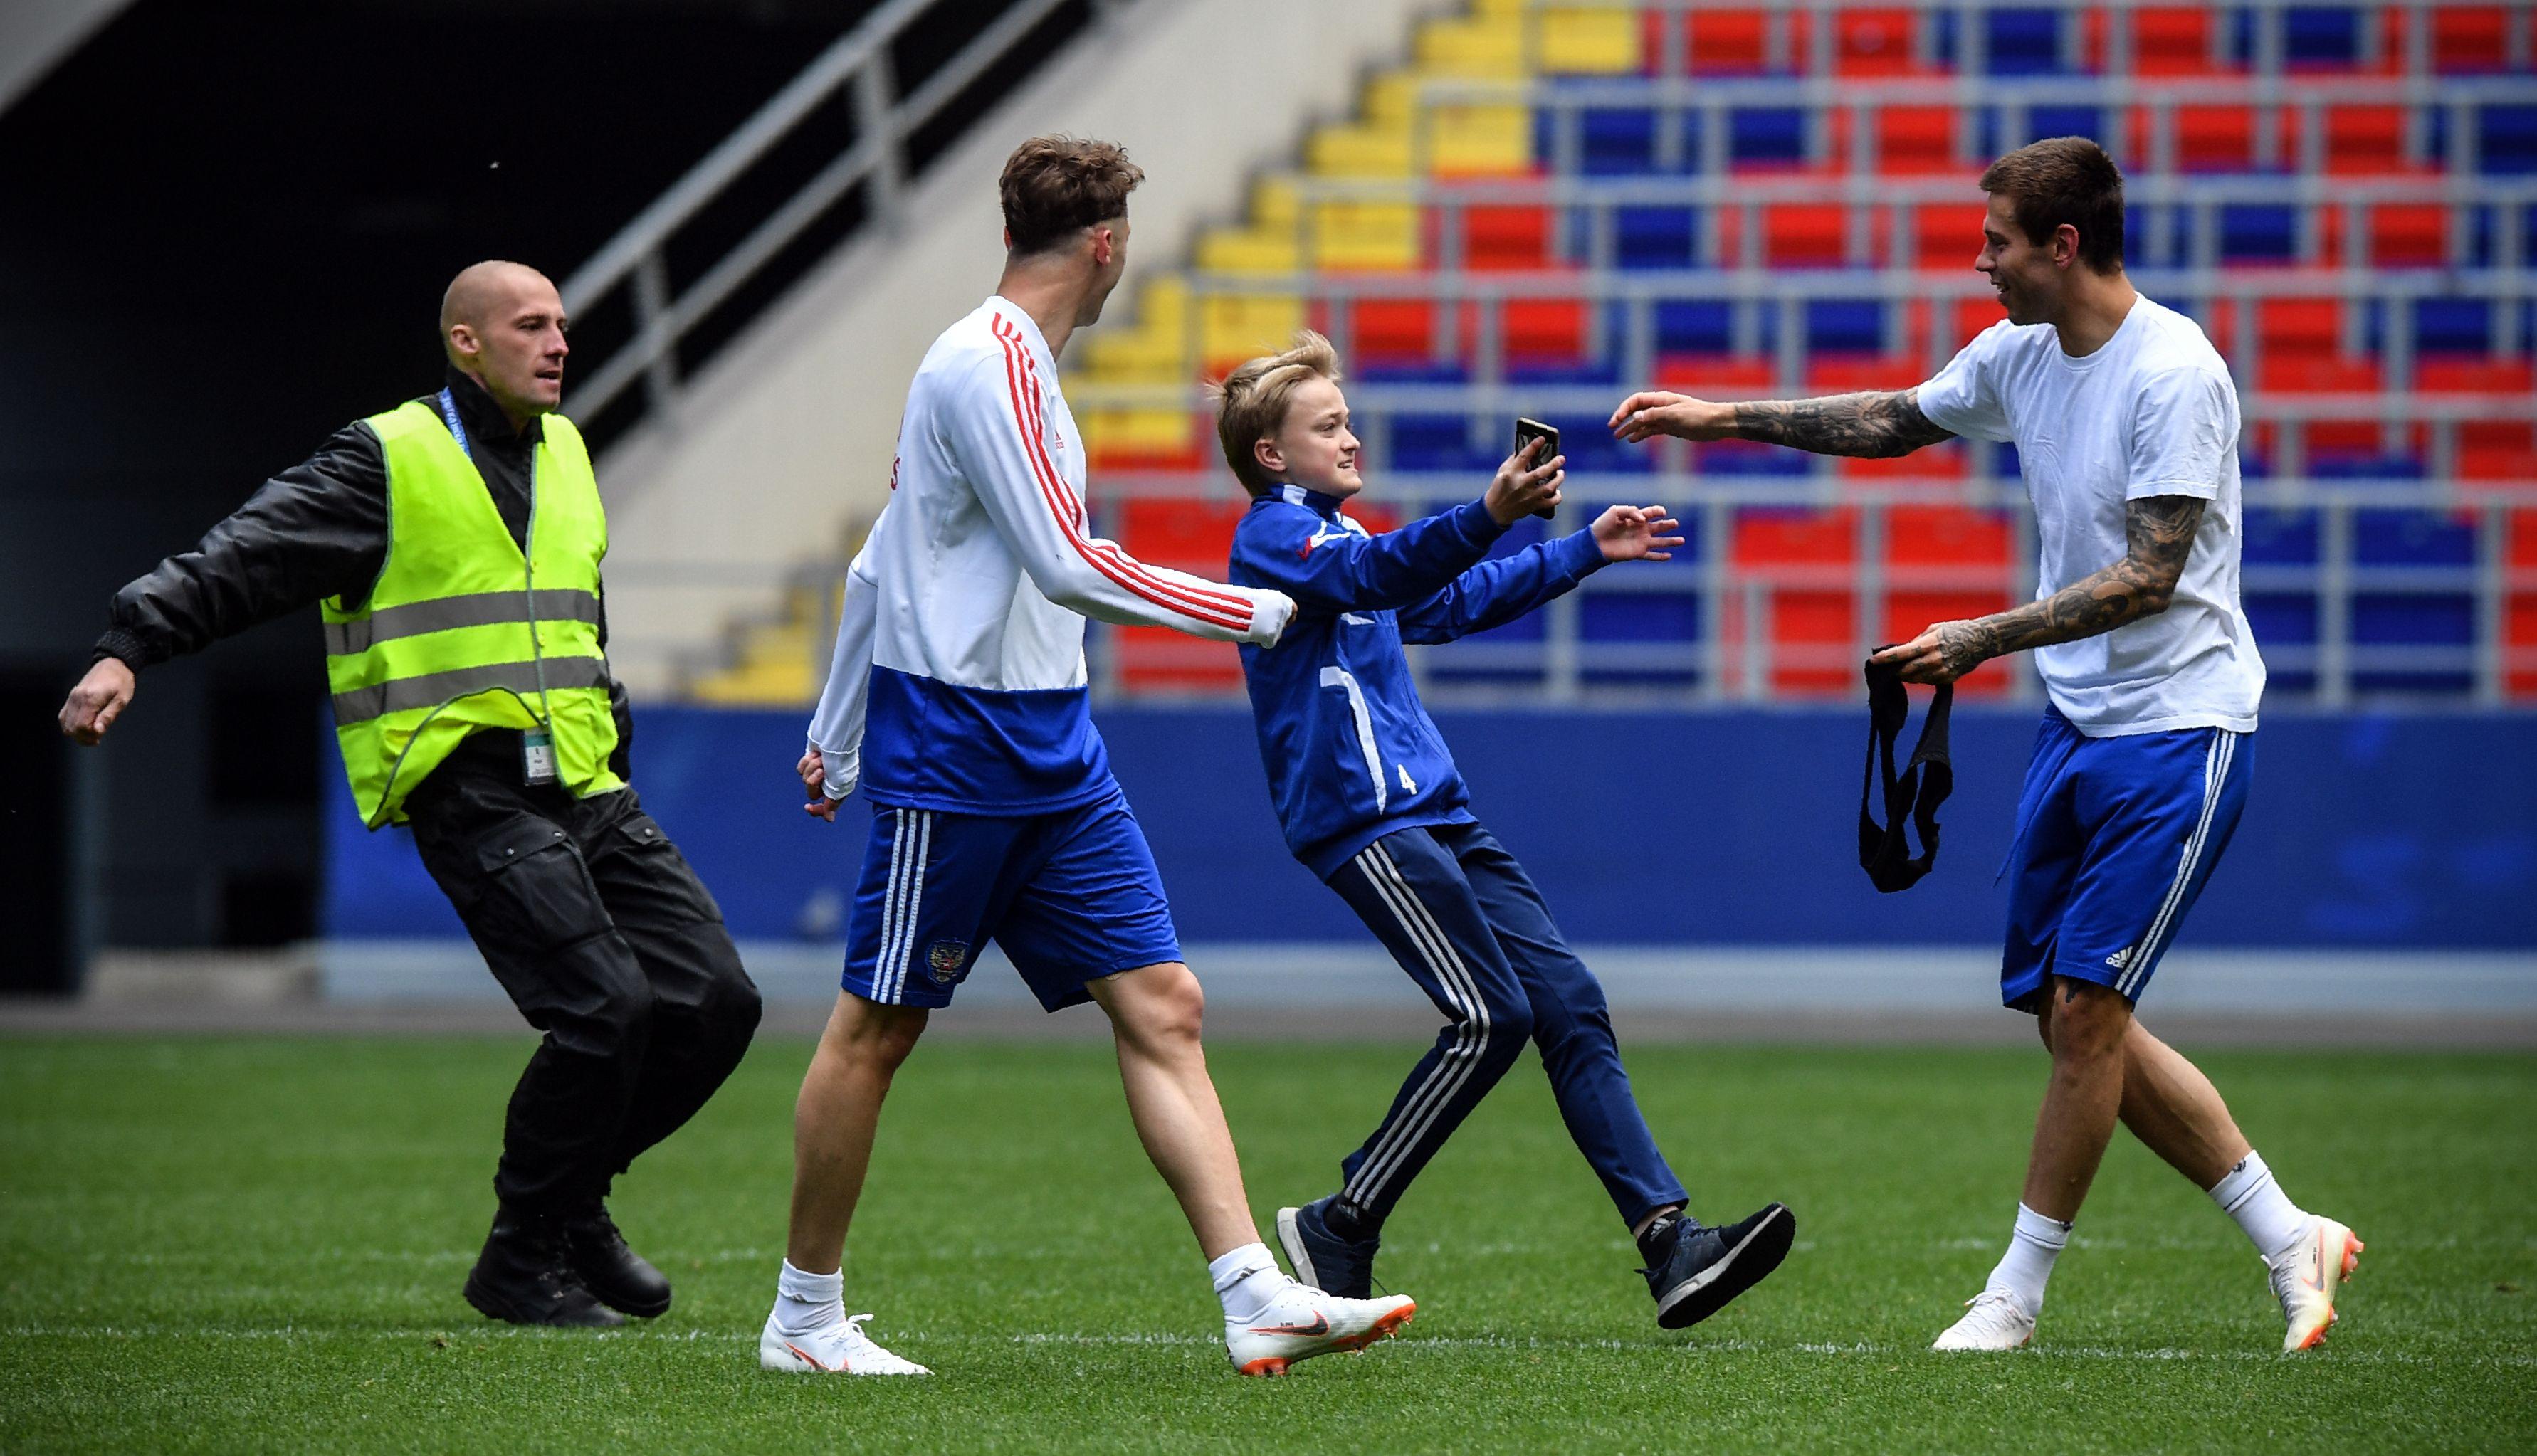 جماهير روسيا أرادت مصافحة لاعبيها قبل المونديال